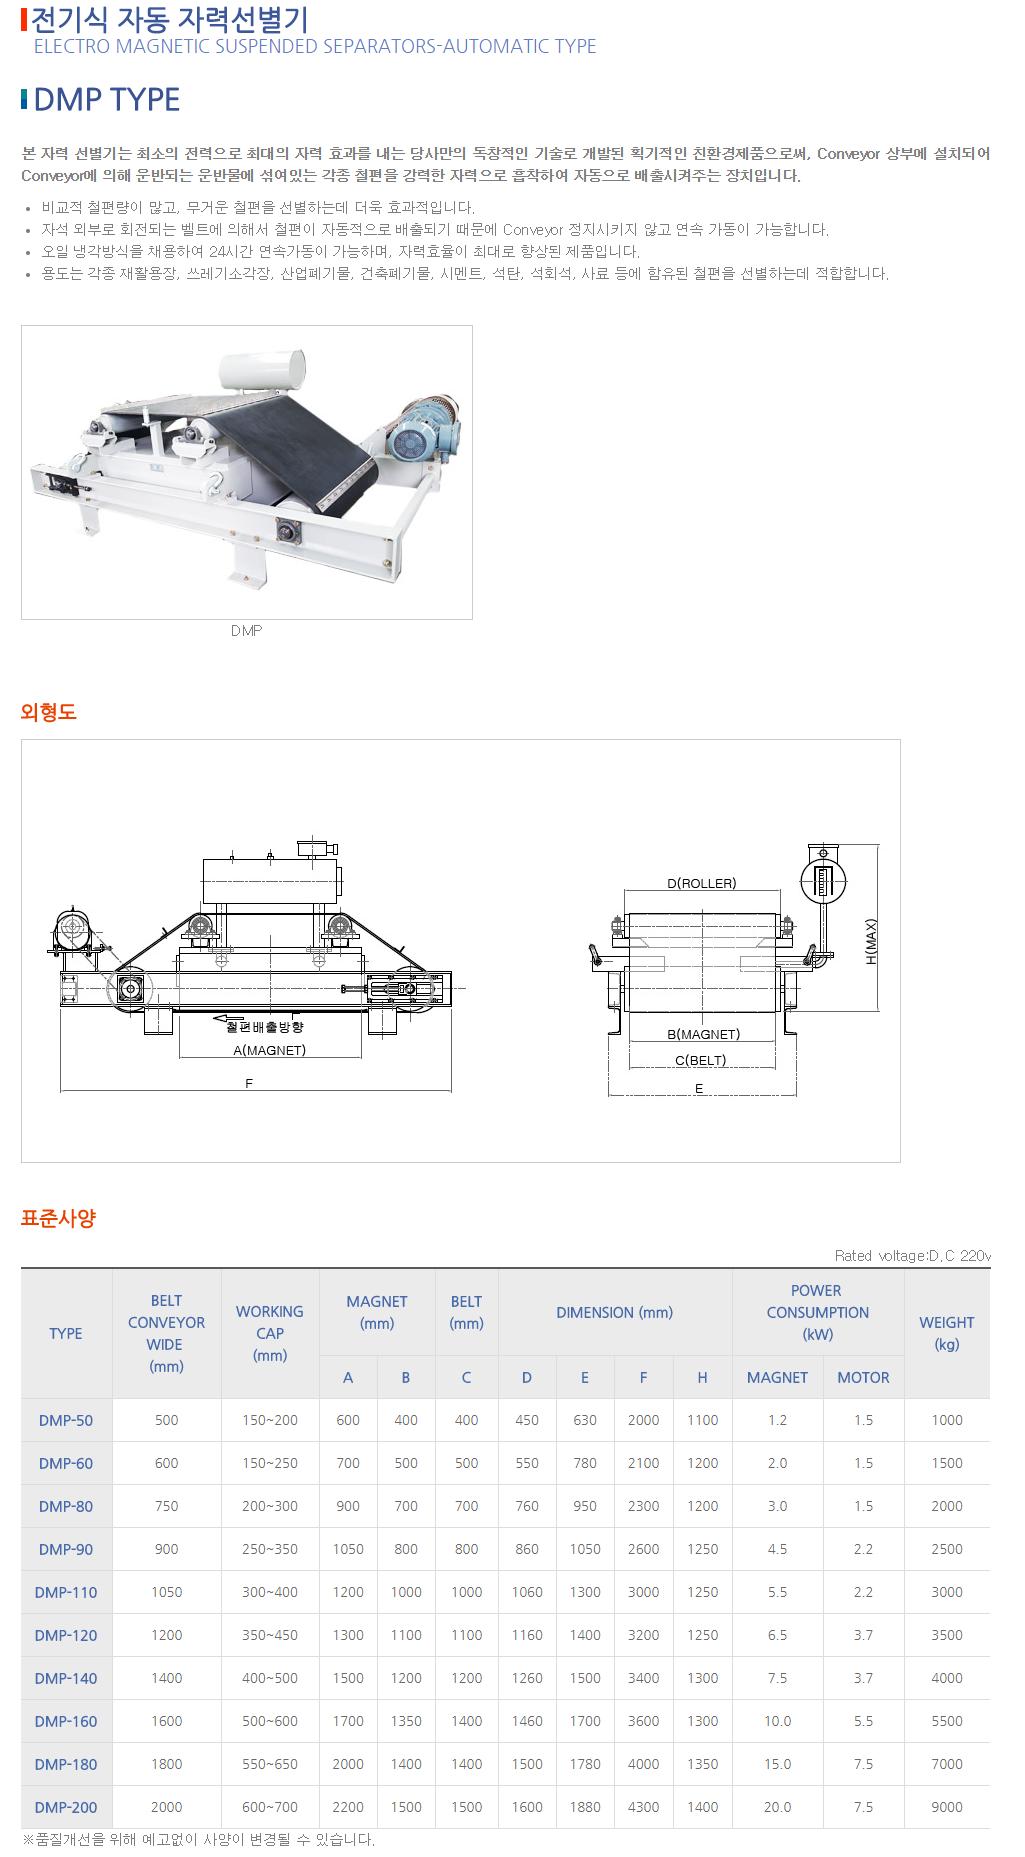 (주)대성마그네트 전기식 자동 자력선별기 DMP Type 1